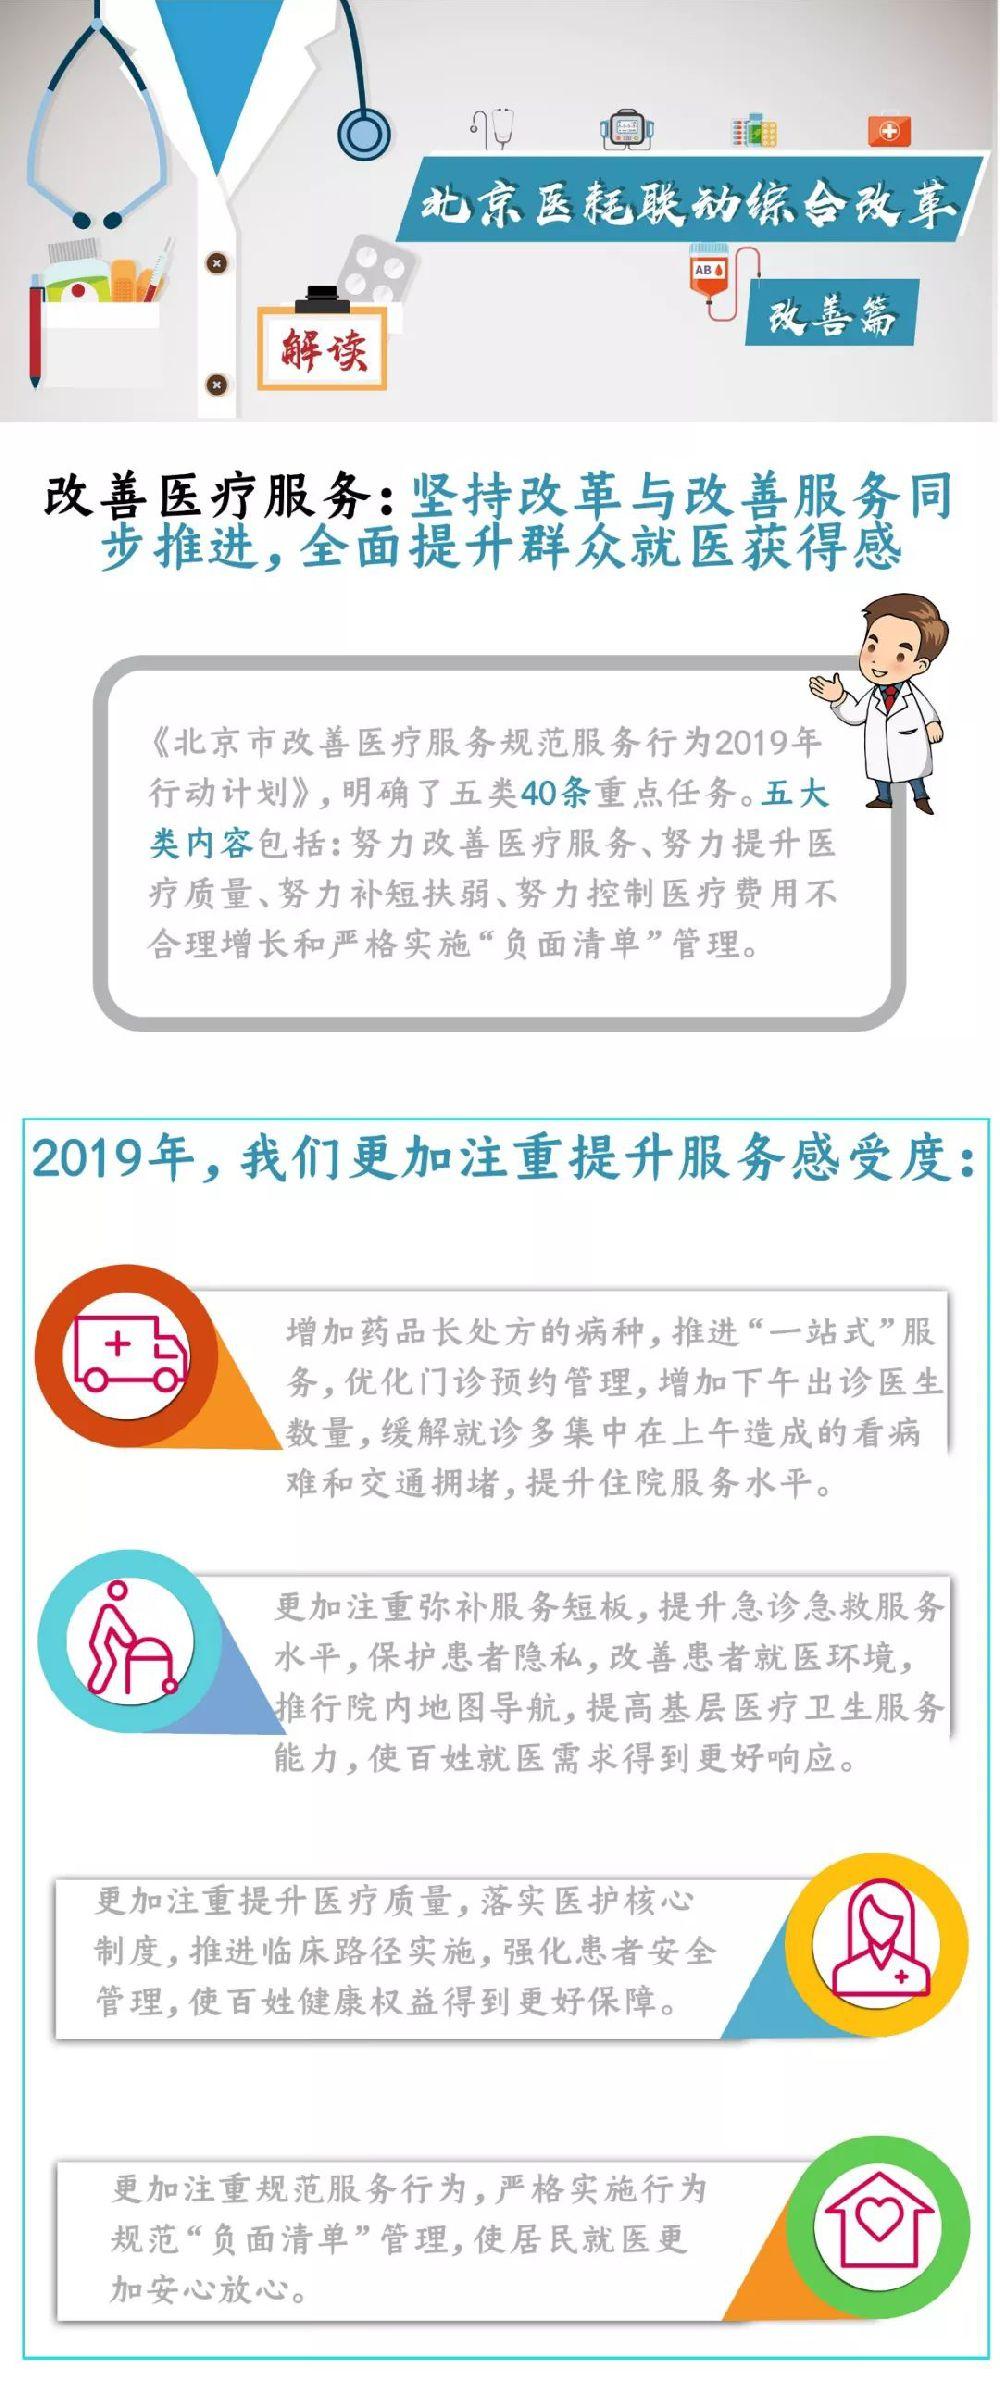 2019年6月15日起北京医改最新消息:医耗联动综合改革政策